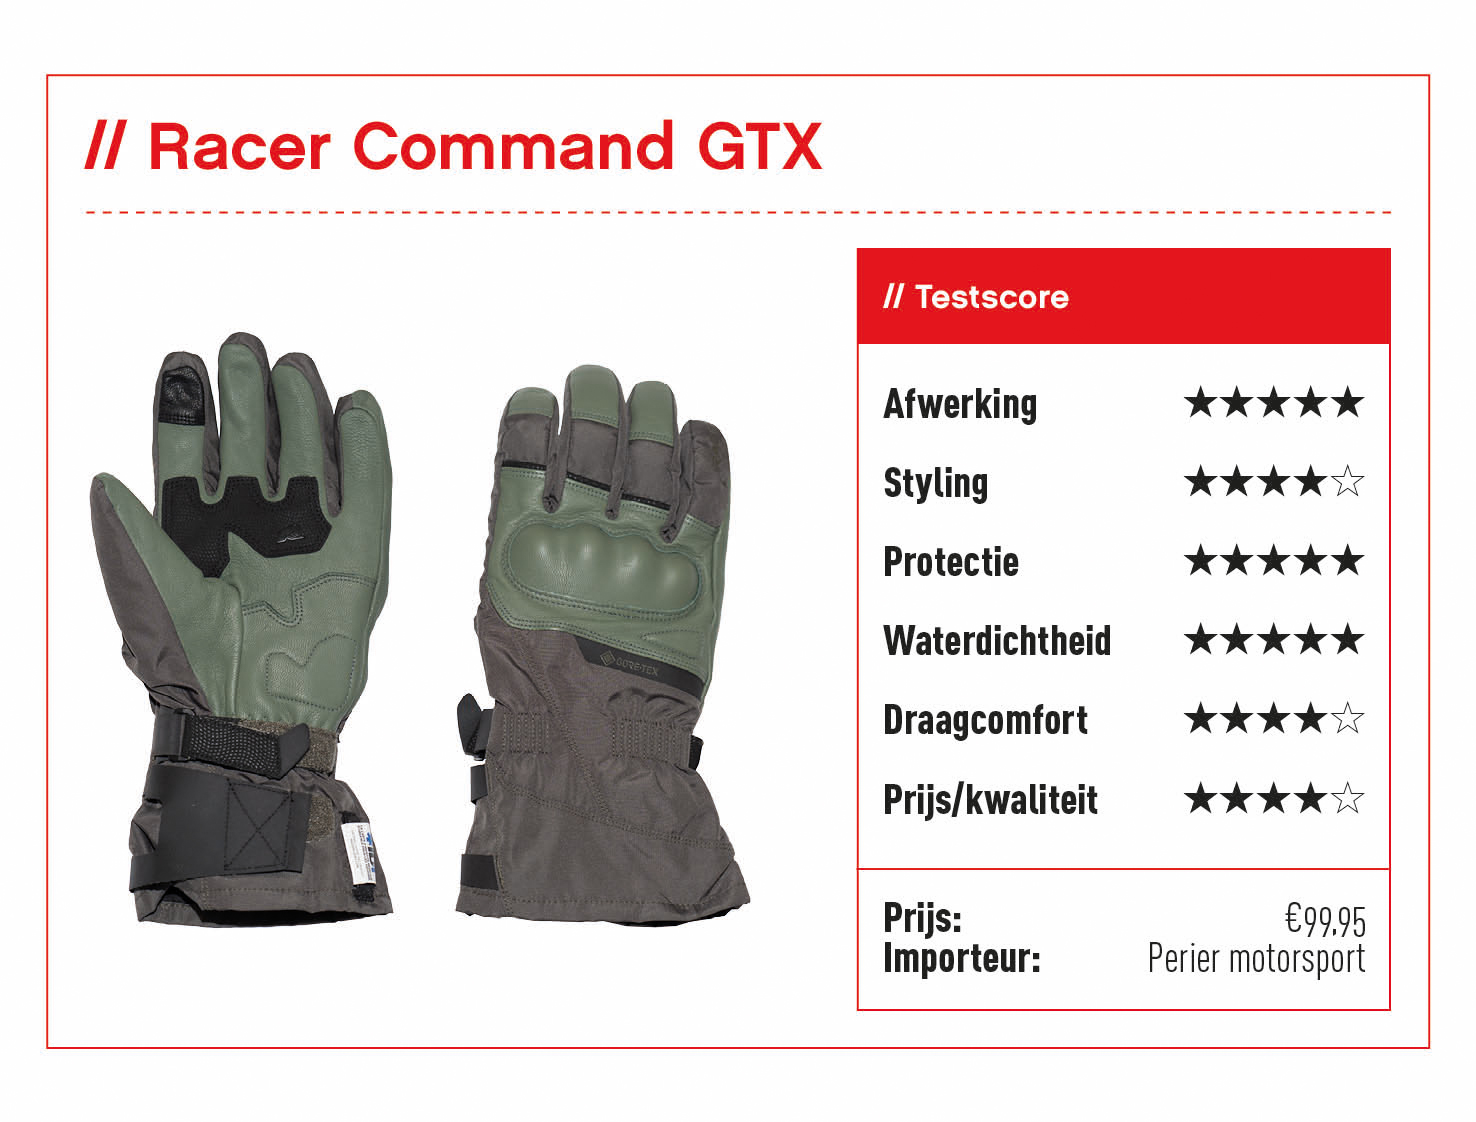 Racer Command GTX handschoenen met beoordeling